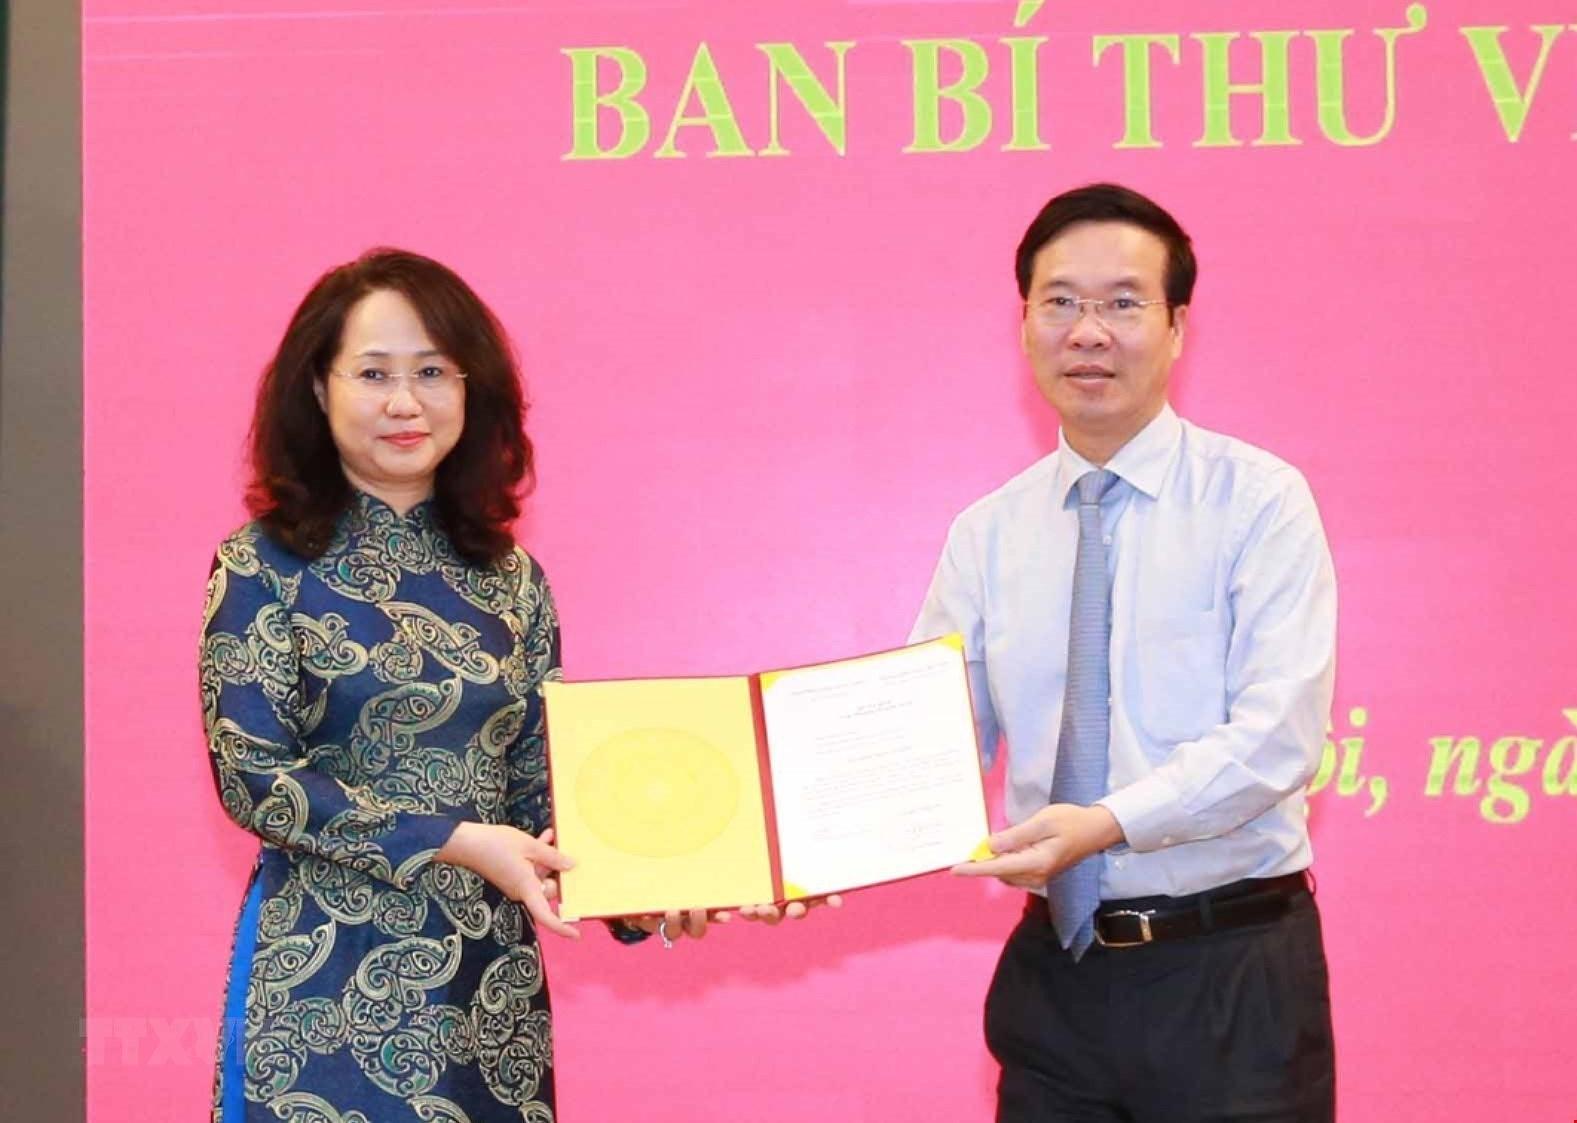 [Photo] Trao quyet dinh bo nhiem Pho Chanh Van phong Trung uong Dang hinh anh 2